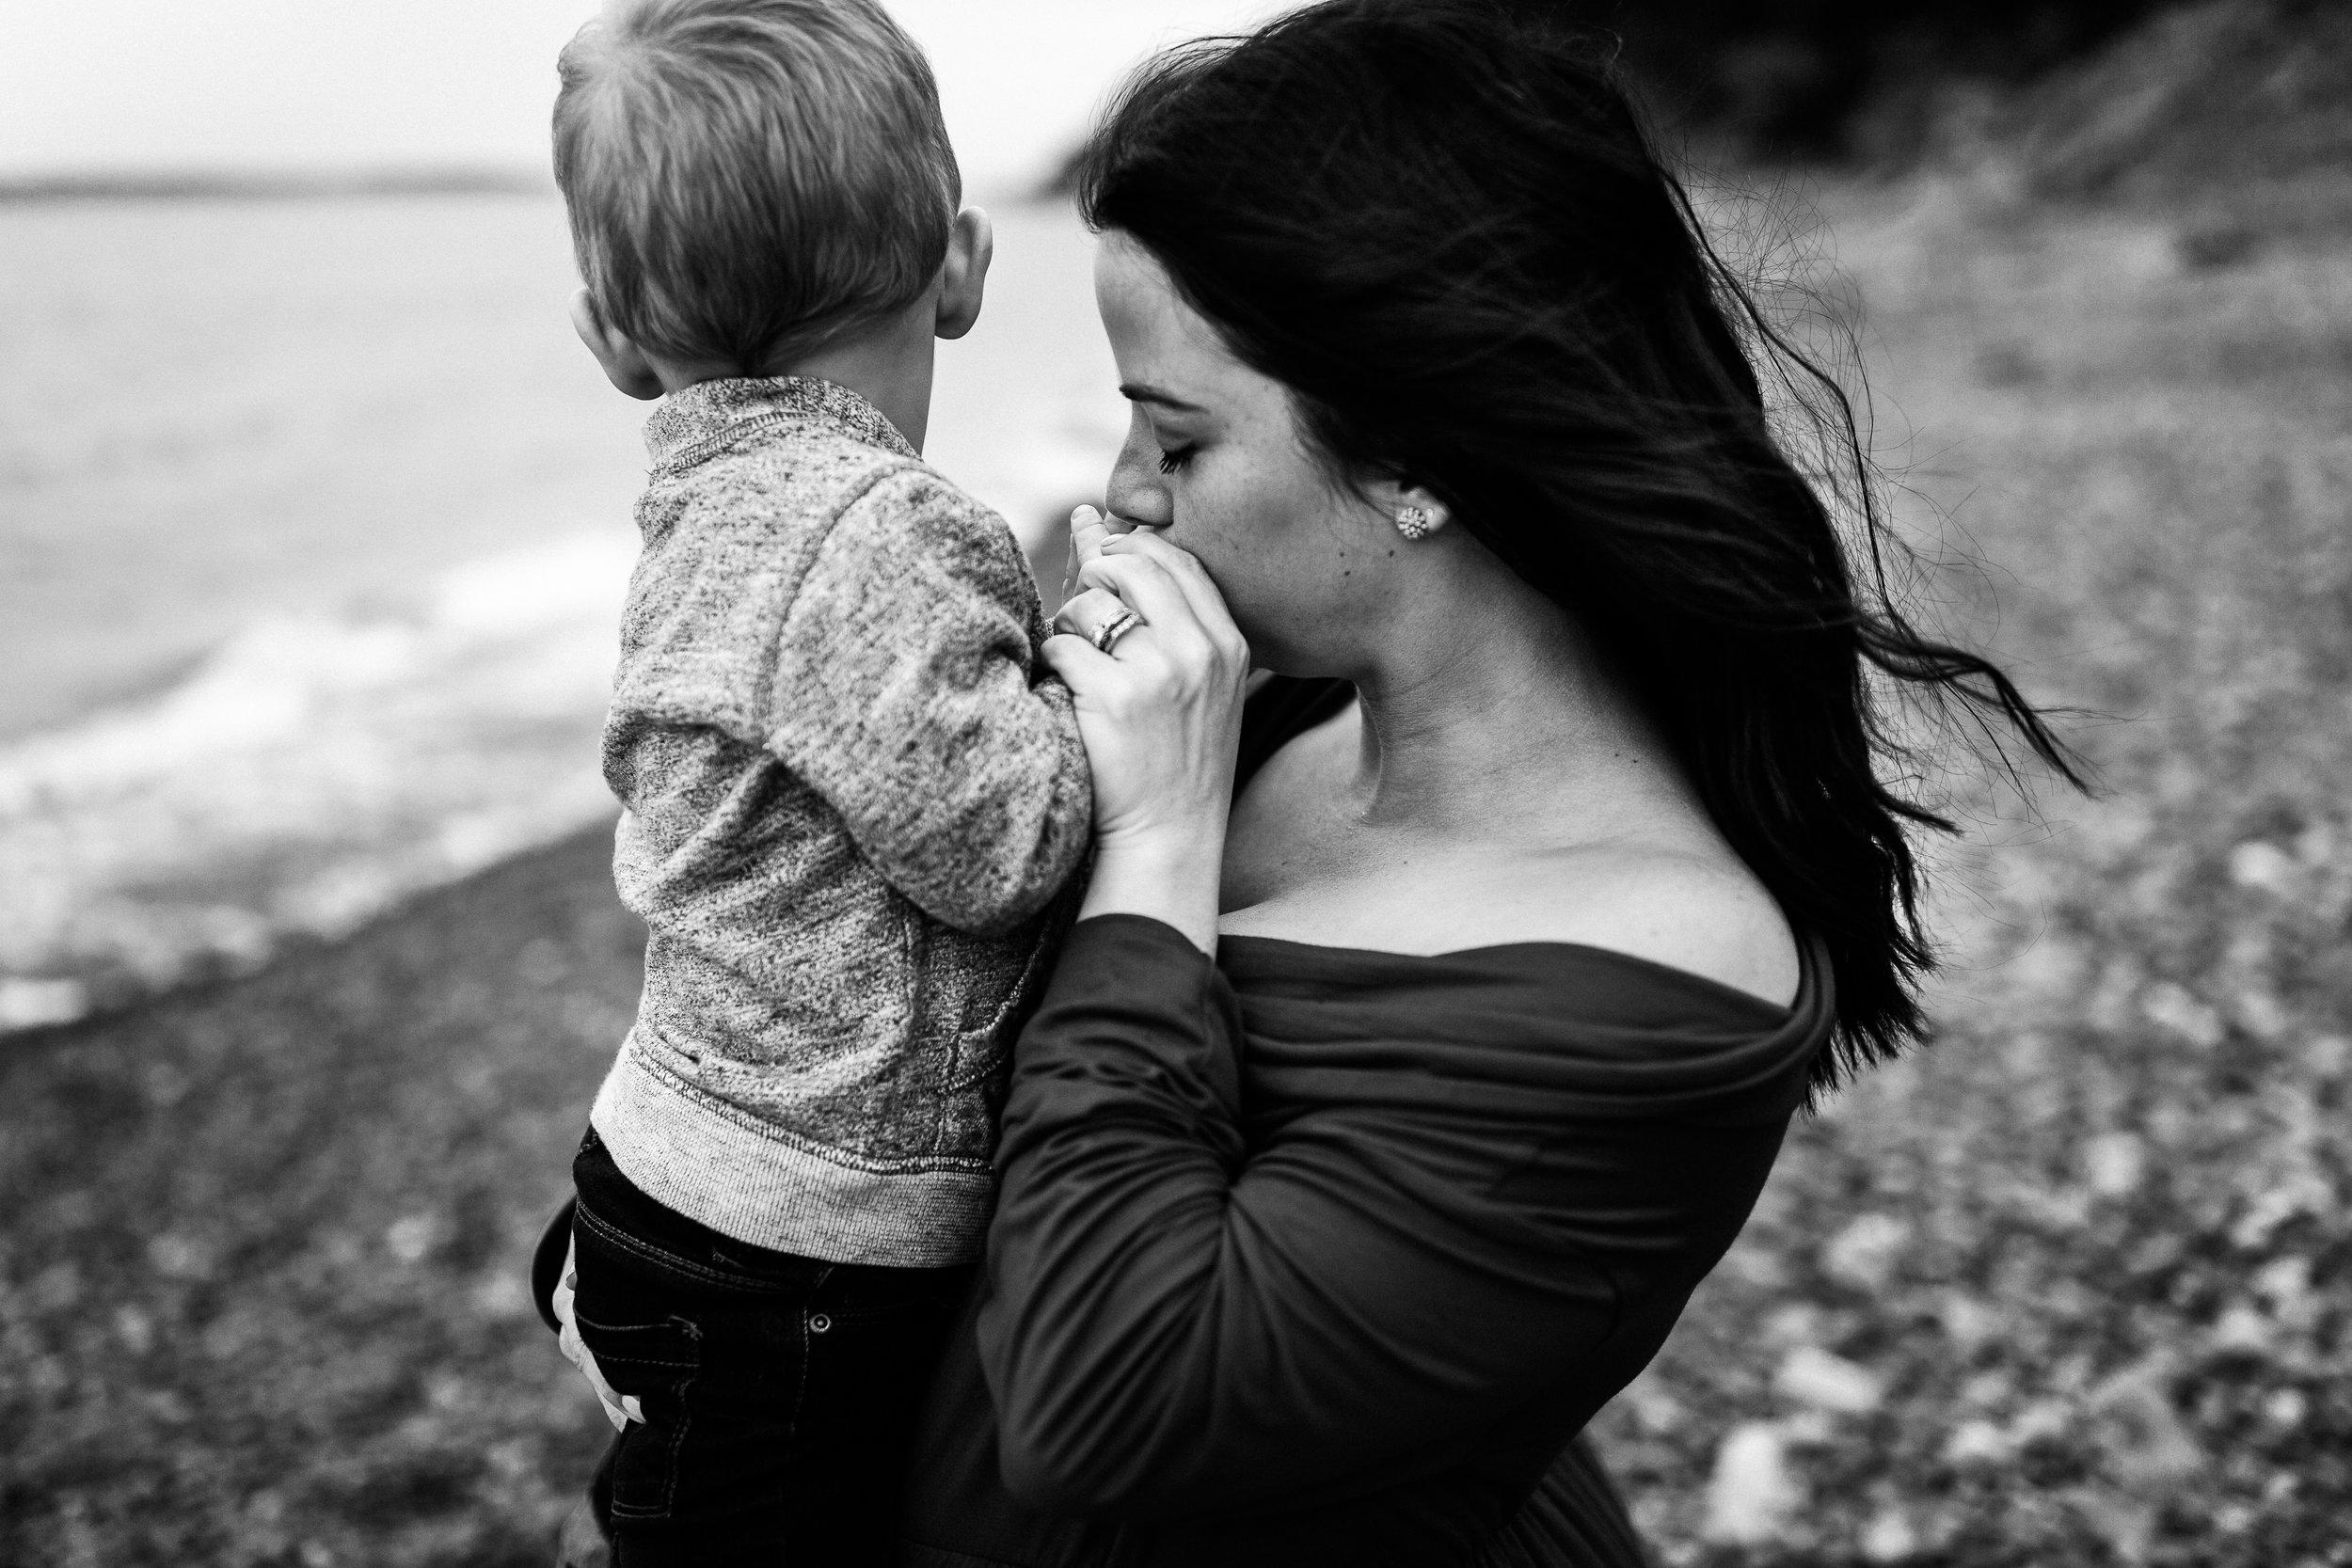 005Slaney_Maternity_MaddieMillsPhoto.jpg